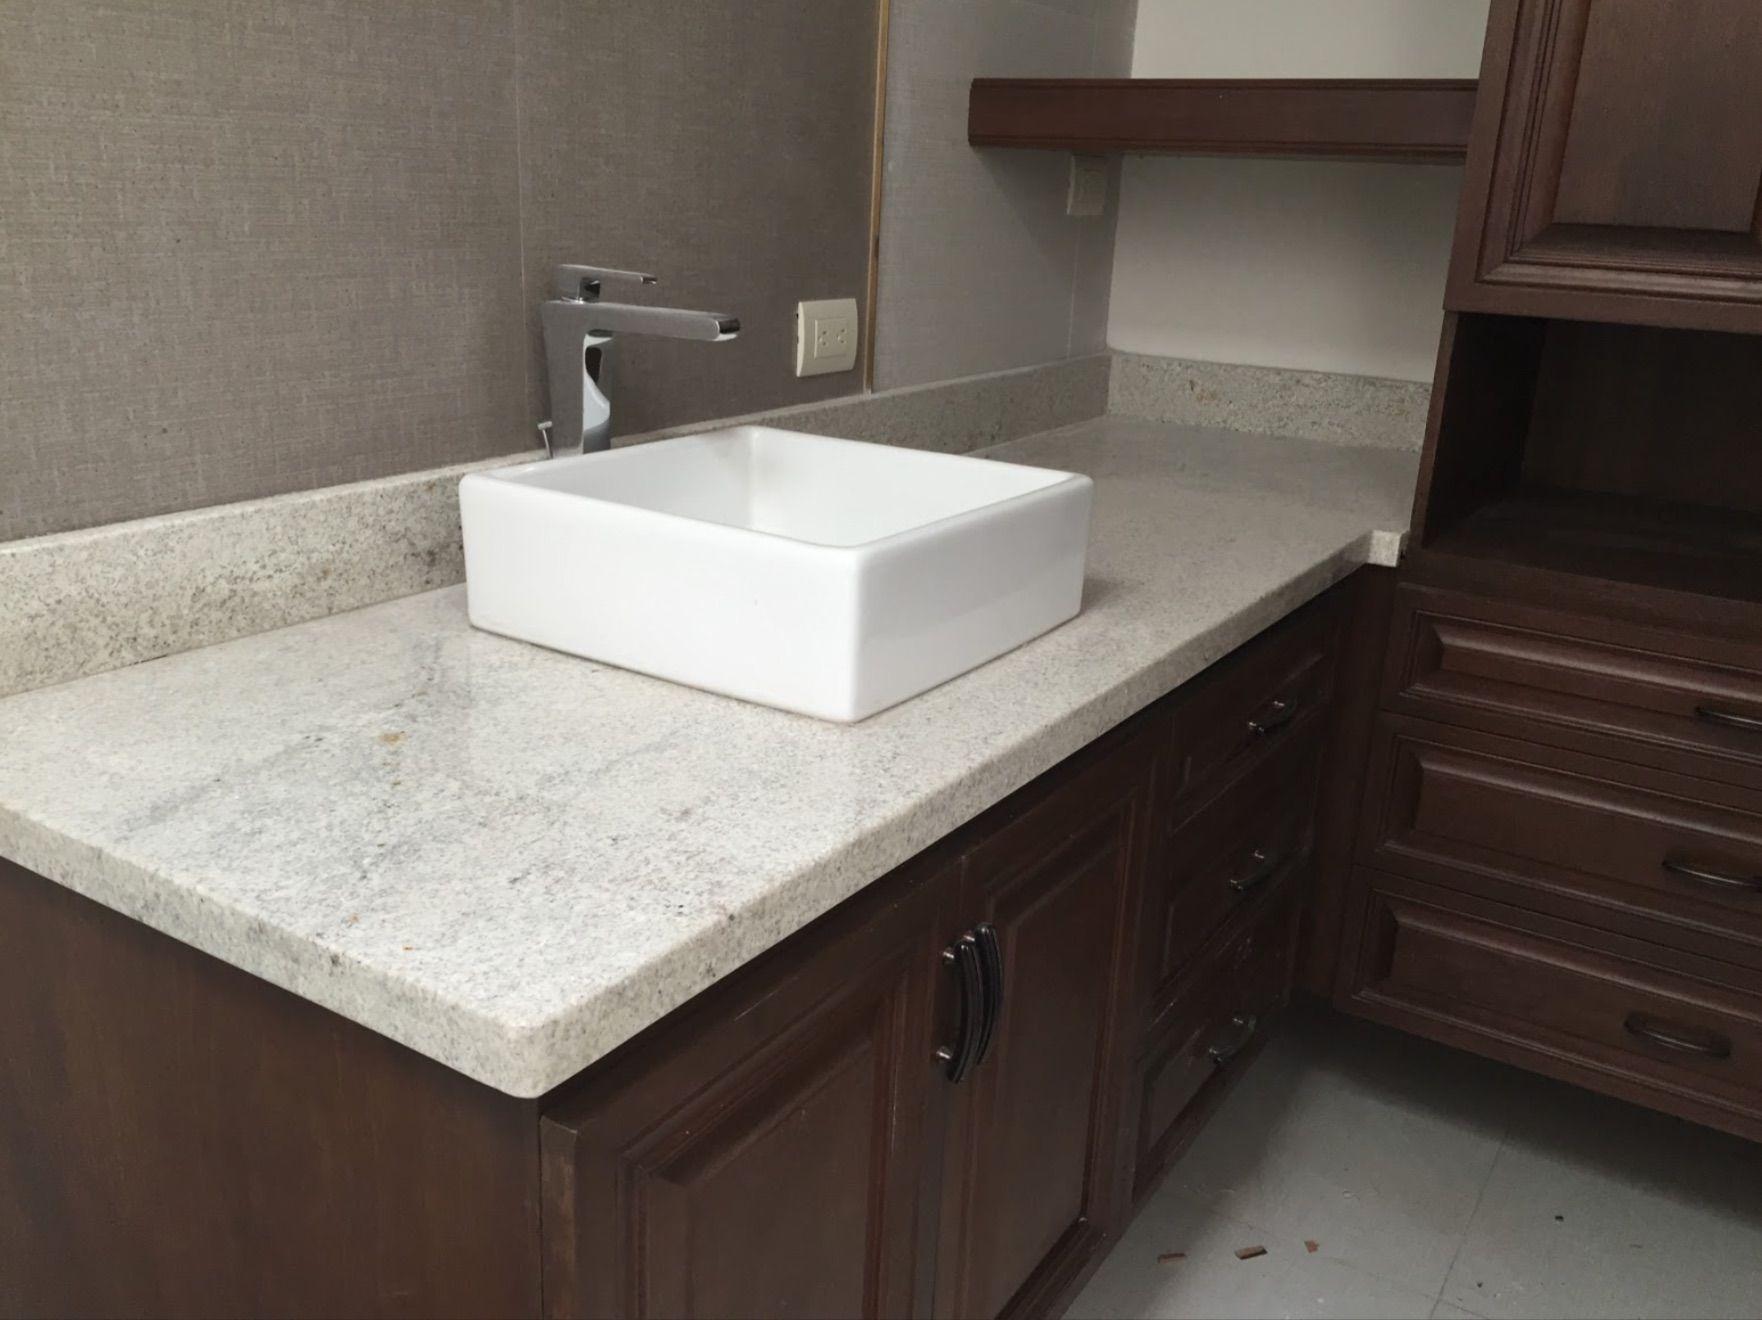 Granito bathroom ba o lavado sinks - Lavabo para cocina ...